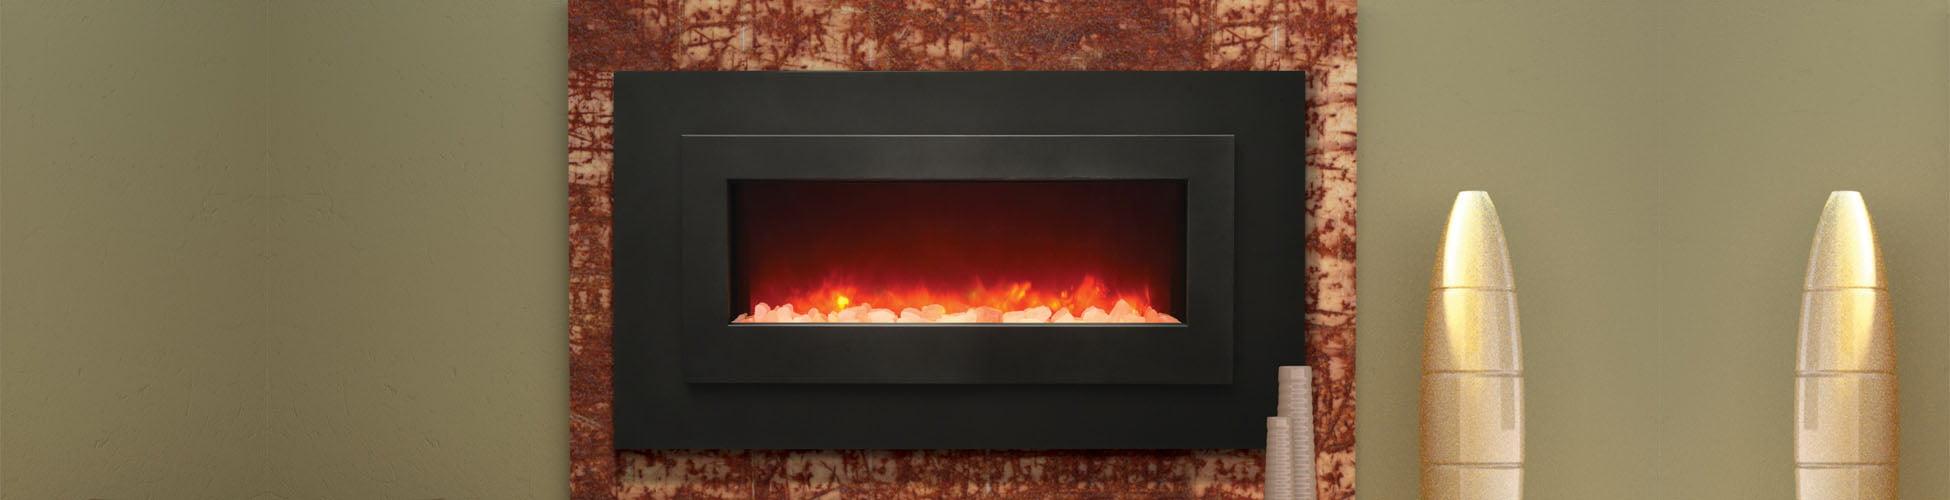 WM-FML-48 electric fireplace